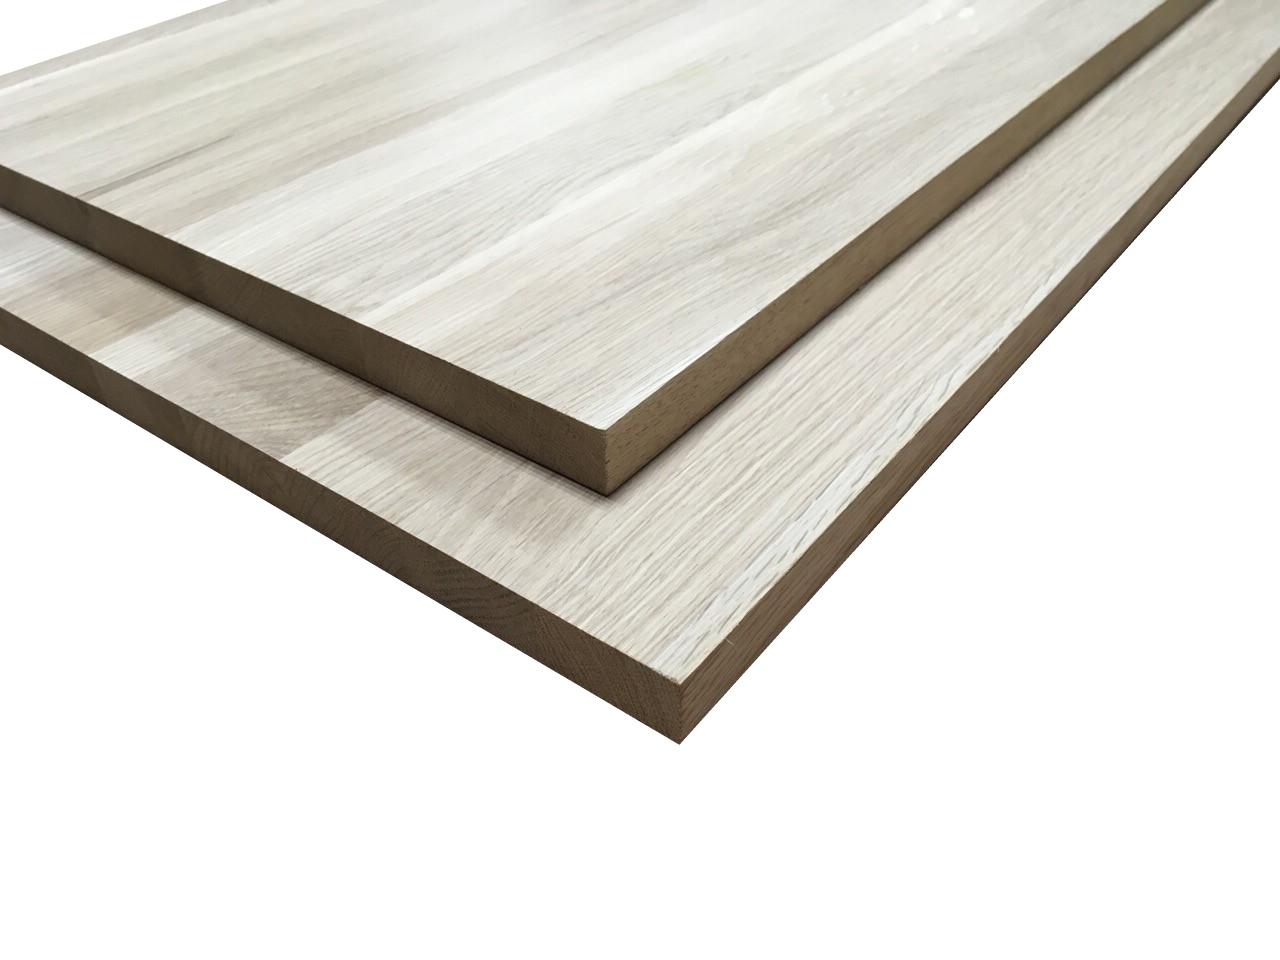 Мебельный щит из дуба цельноламельный 20х600х1700 мм ( широкая ламель )